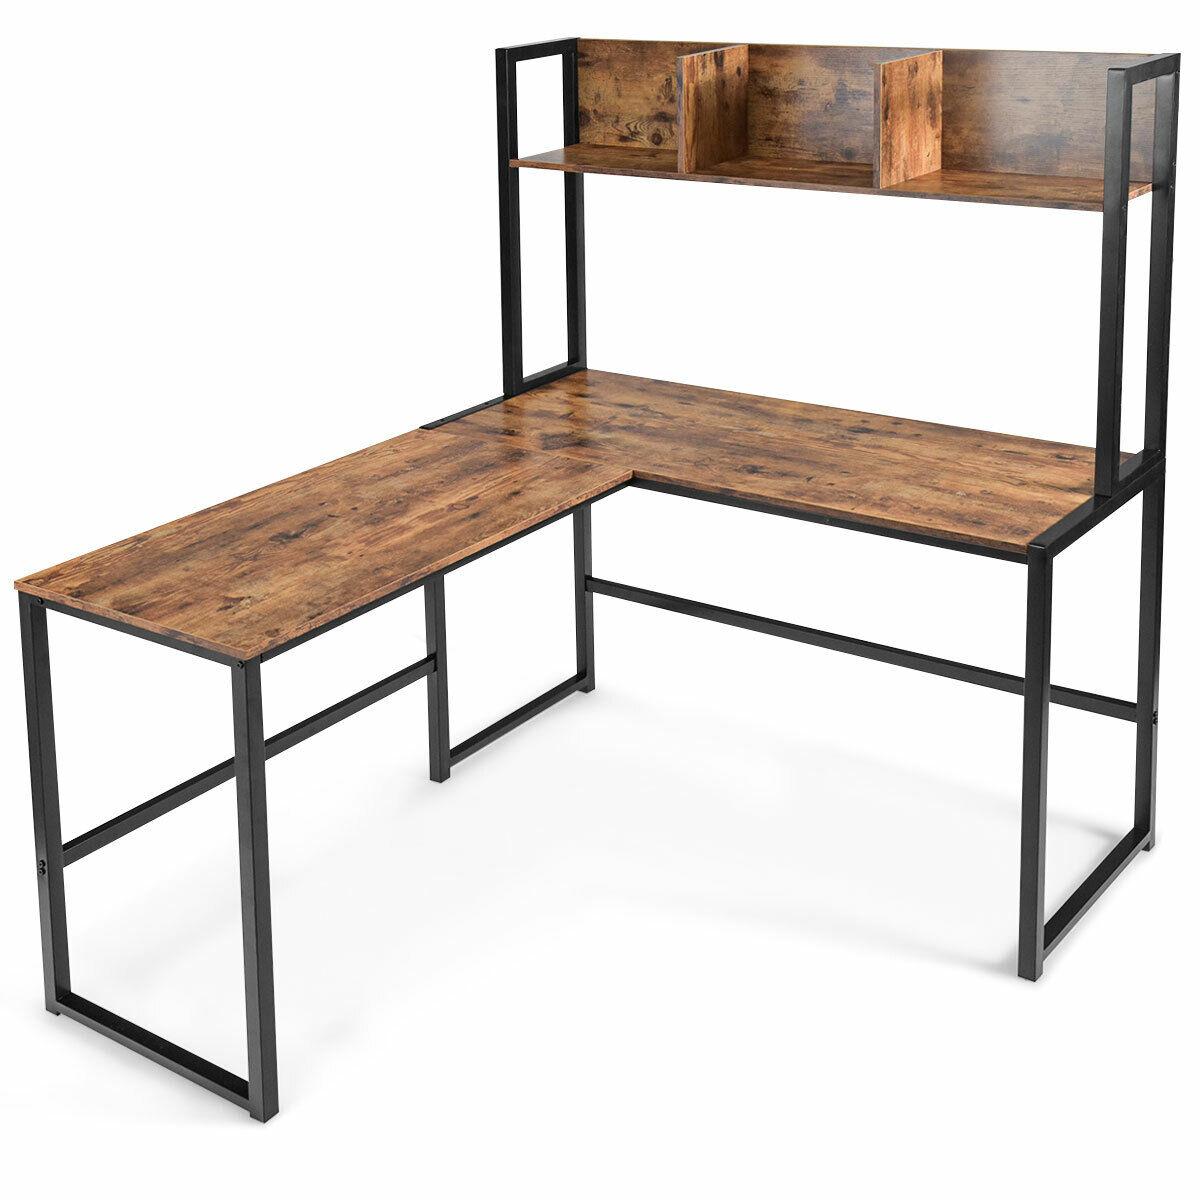 Industrial L Shaped Desk W Hutch Bookshelf 55 Corner Computer Desk For Office For Sale Online